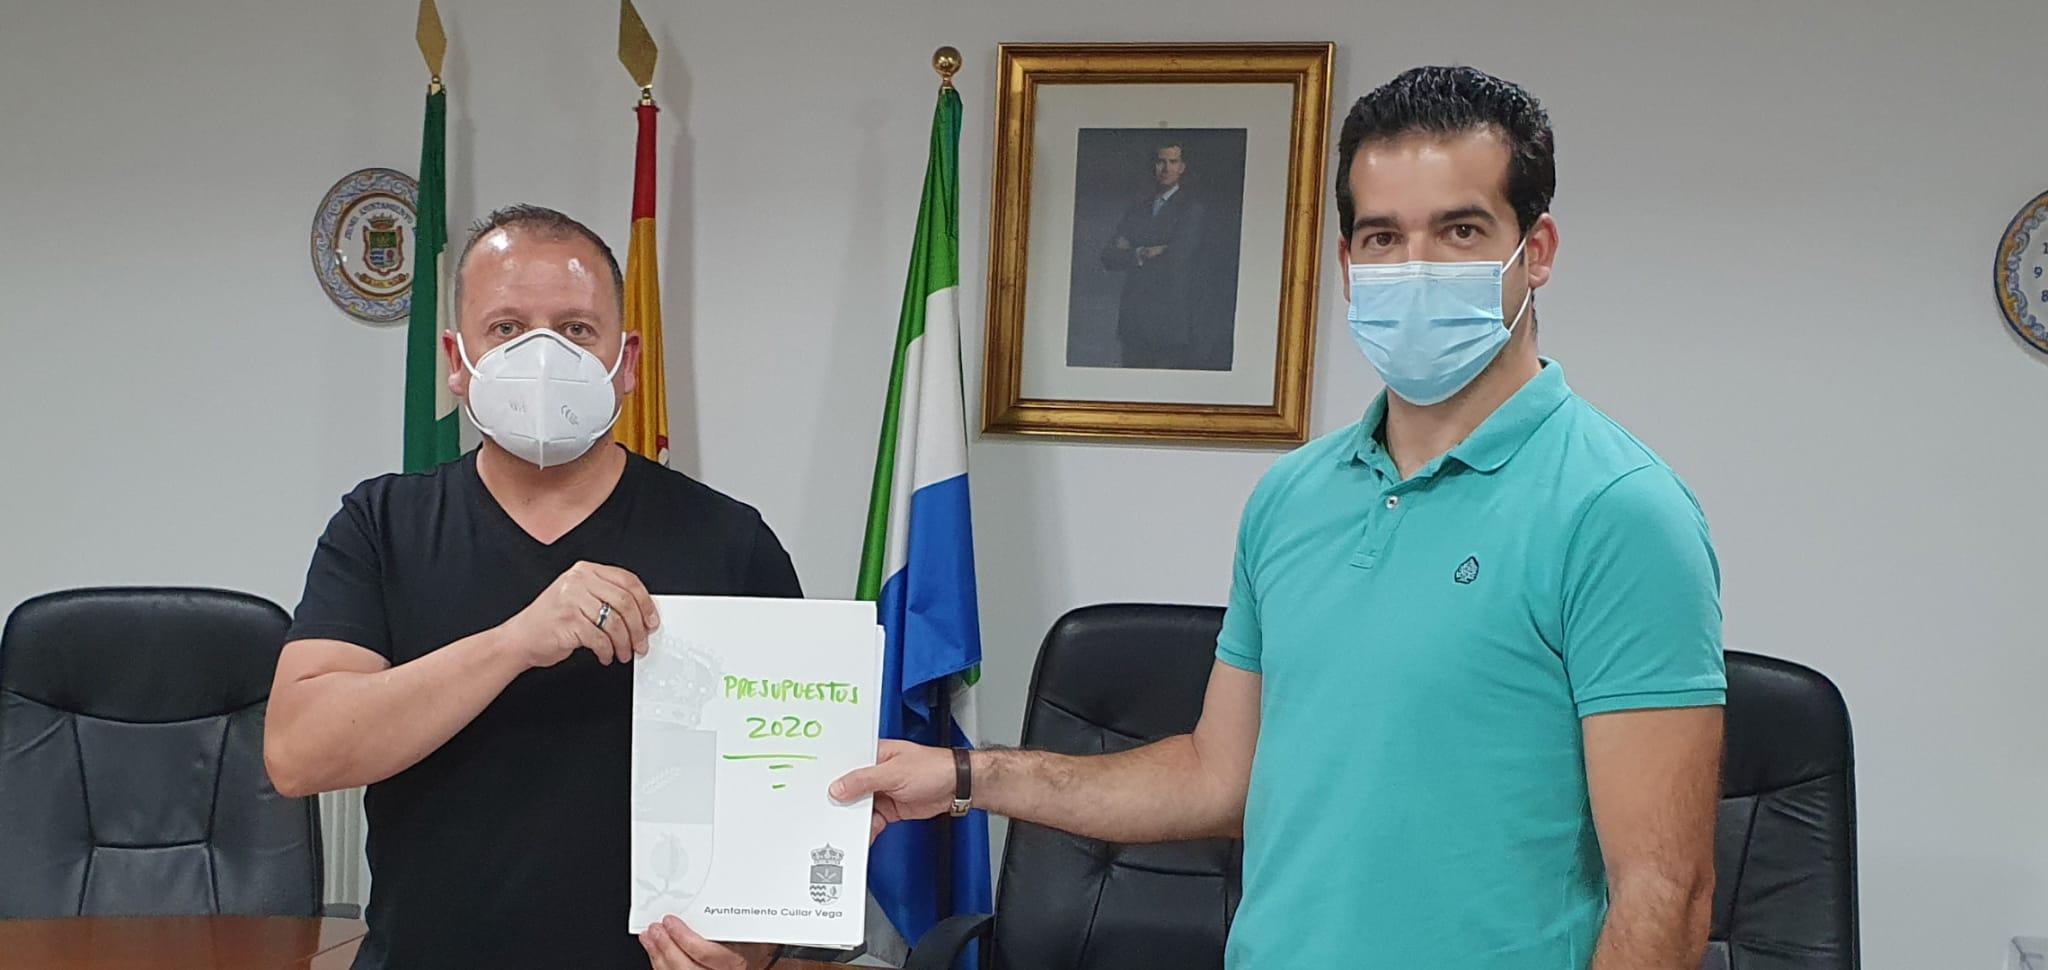 Cúllar Vega aprueba sus presupuestos para 2020, con la recuperación social y económica del municipio 'post COVID-19' como principal objetivo